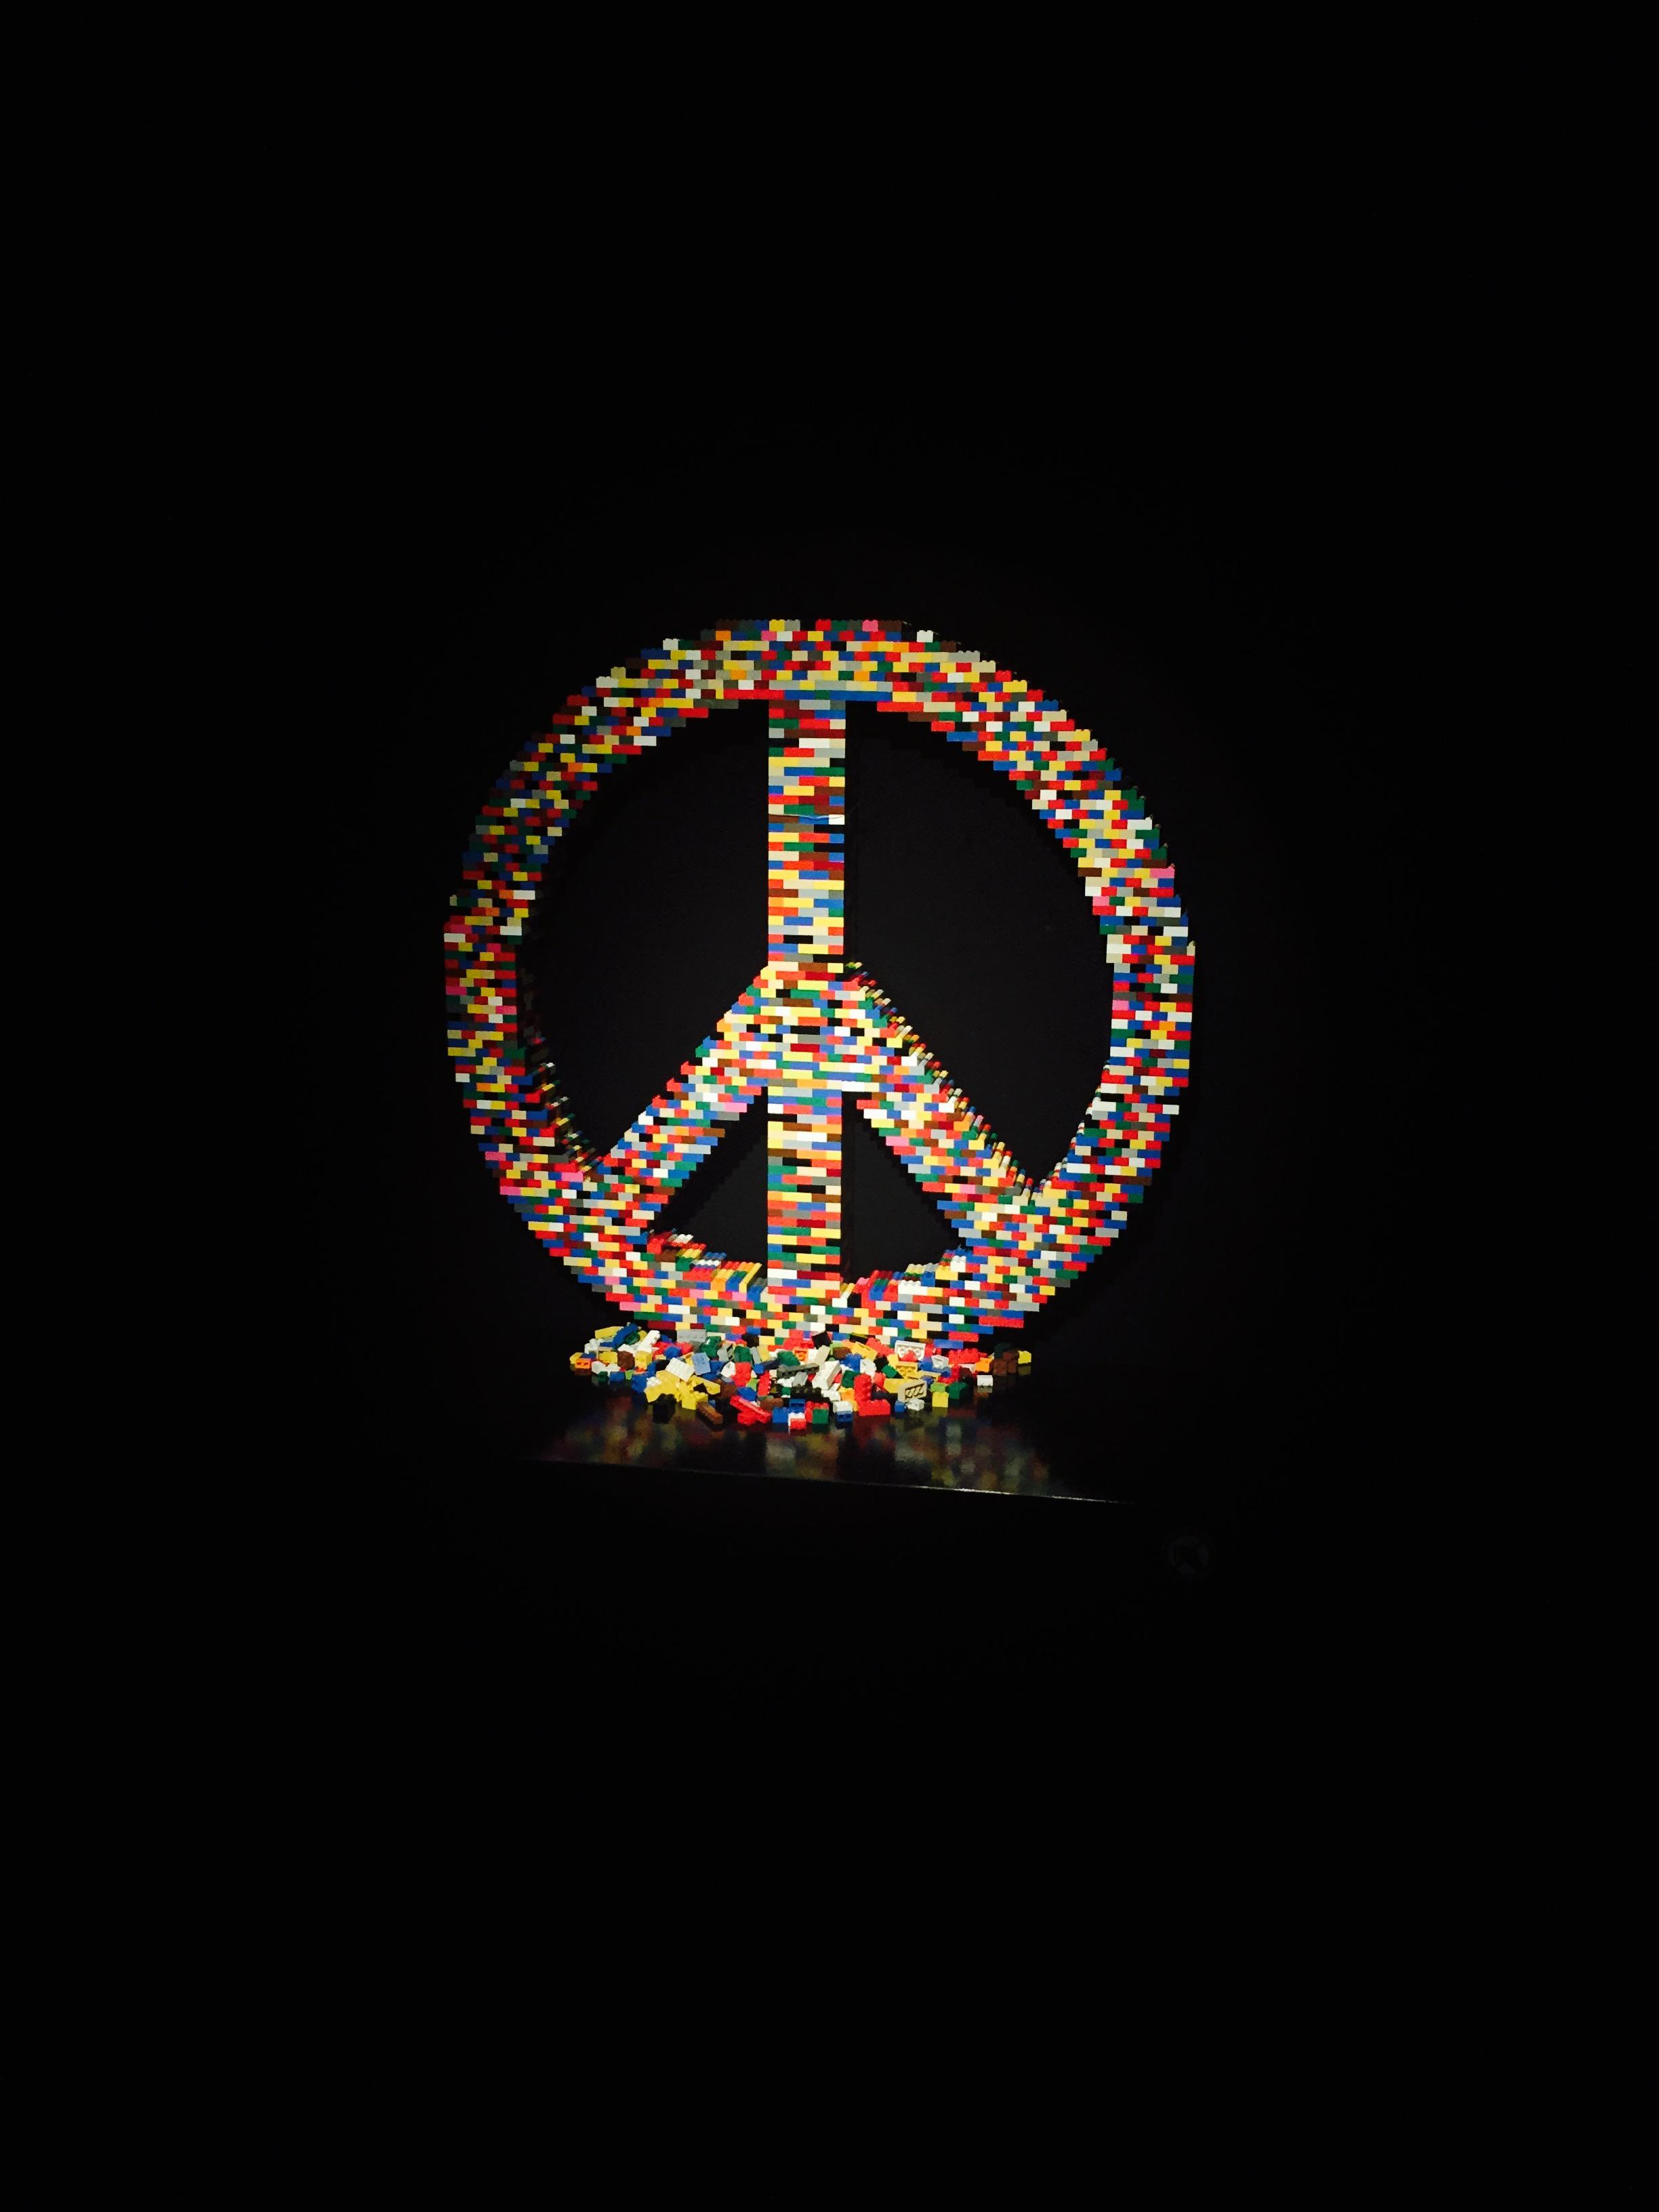 lego peace